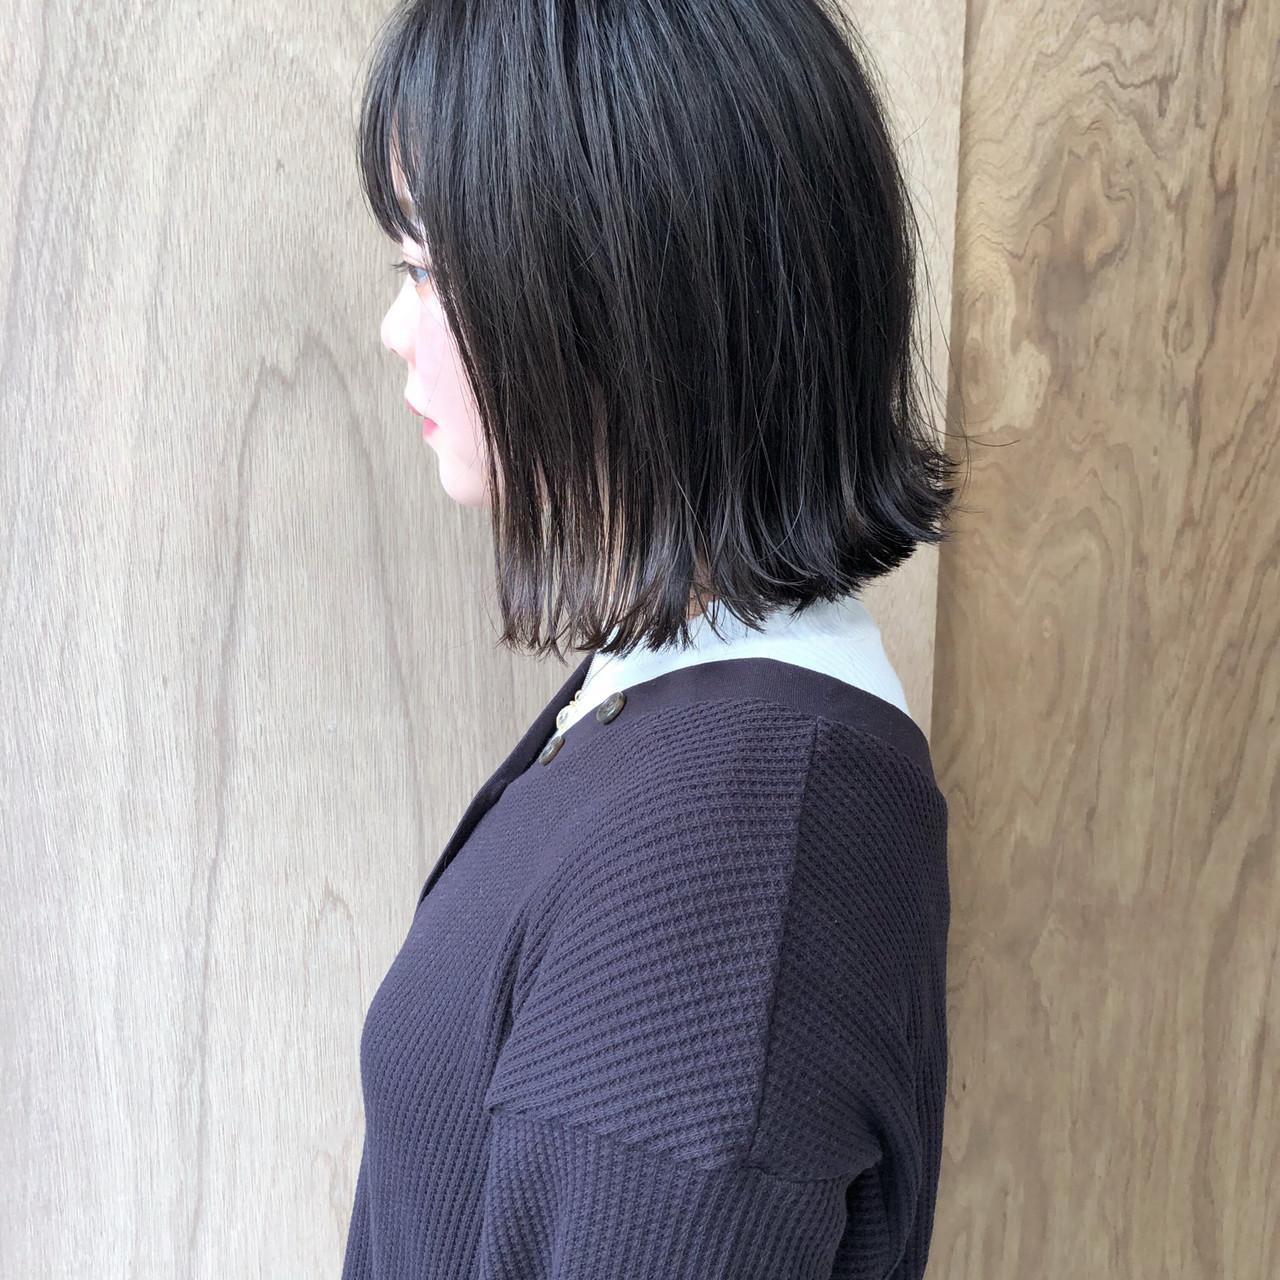 ミニボブ ナチュラル ハンサムショート 切りっぱなしボブ ヘアスタイルや髪型の写真・画像 | 松井勇樹 / TWiGGY  歩行町店